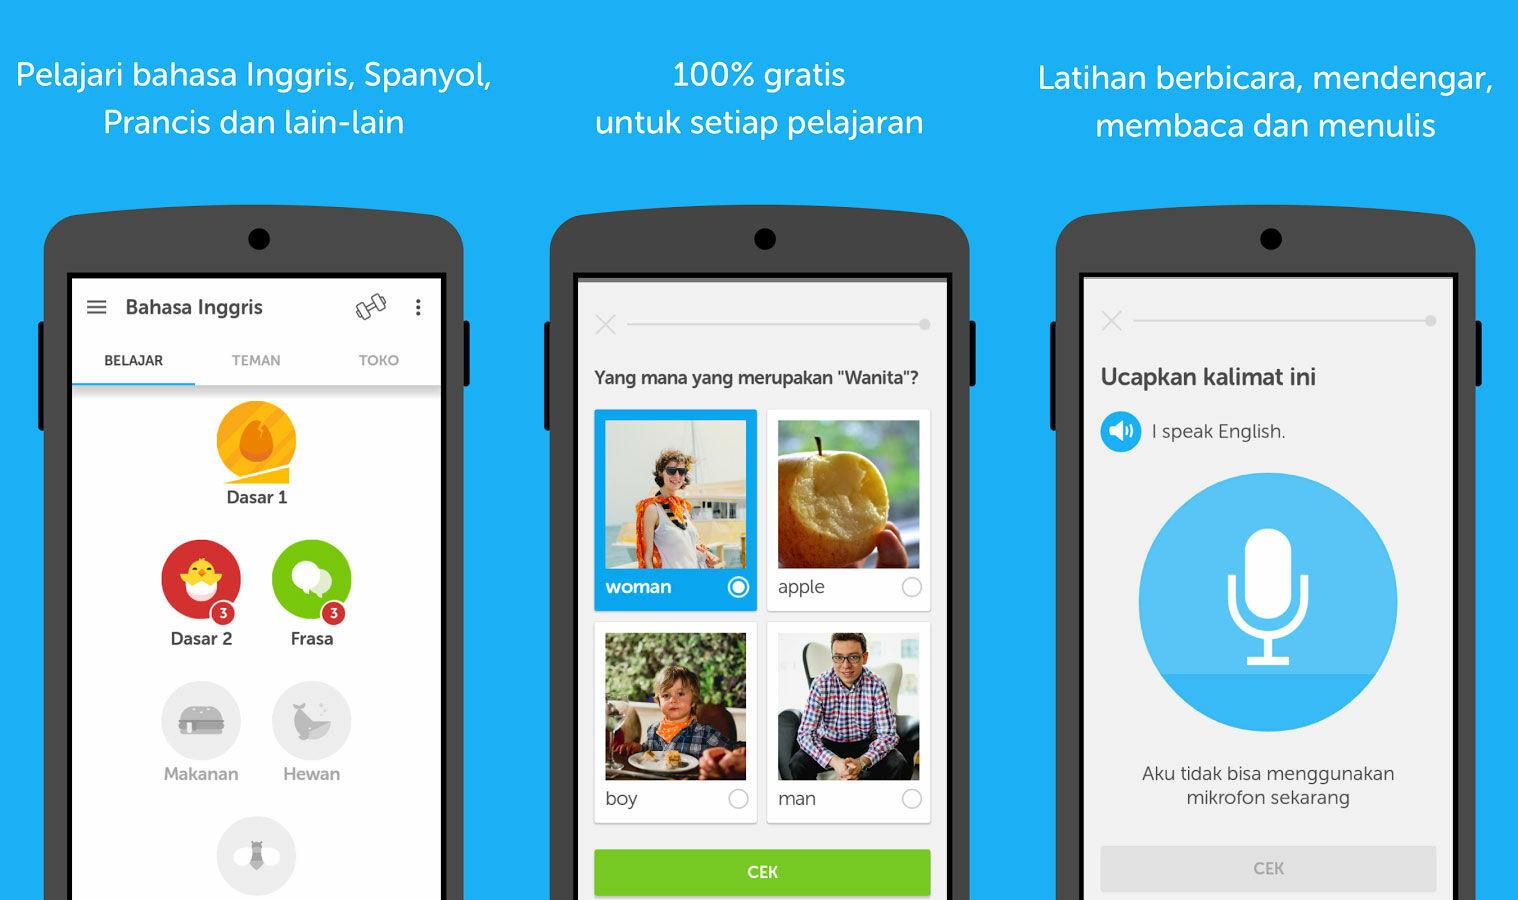 Duolingo Learn Languages